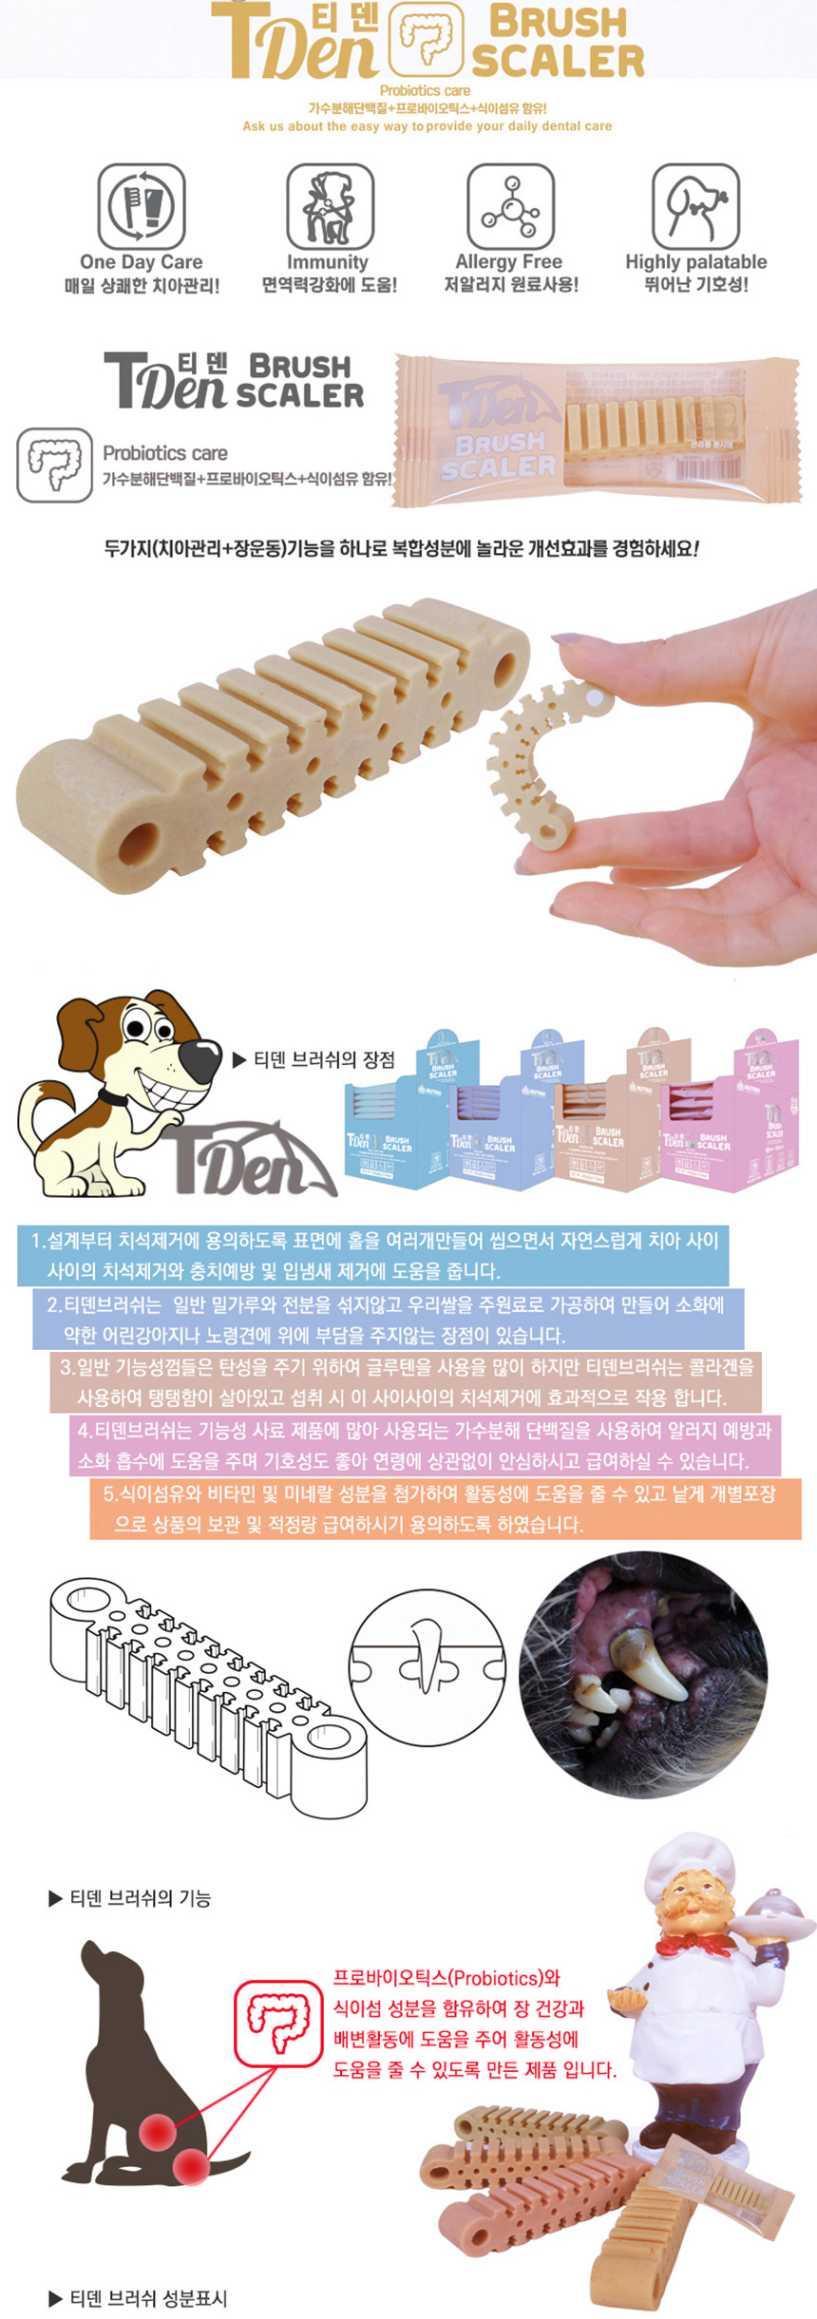 뉴트리오 티덴 브러쉬 8g(장기능)480원-바니펫펫샵, 강아지용품, 간식/영양제, 껌바보사랑뉴트리오 티덴 브러쉬 8g(장기능)480원-바니펫펫샵, 강아지용품, 간식/영양제, 껌바보사랑